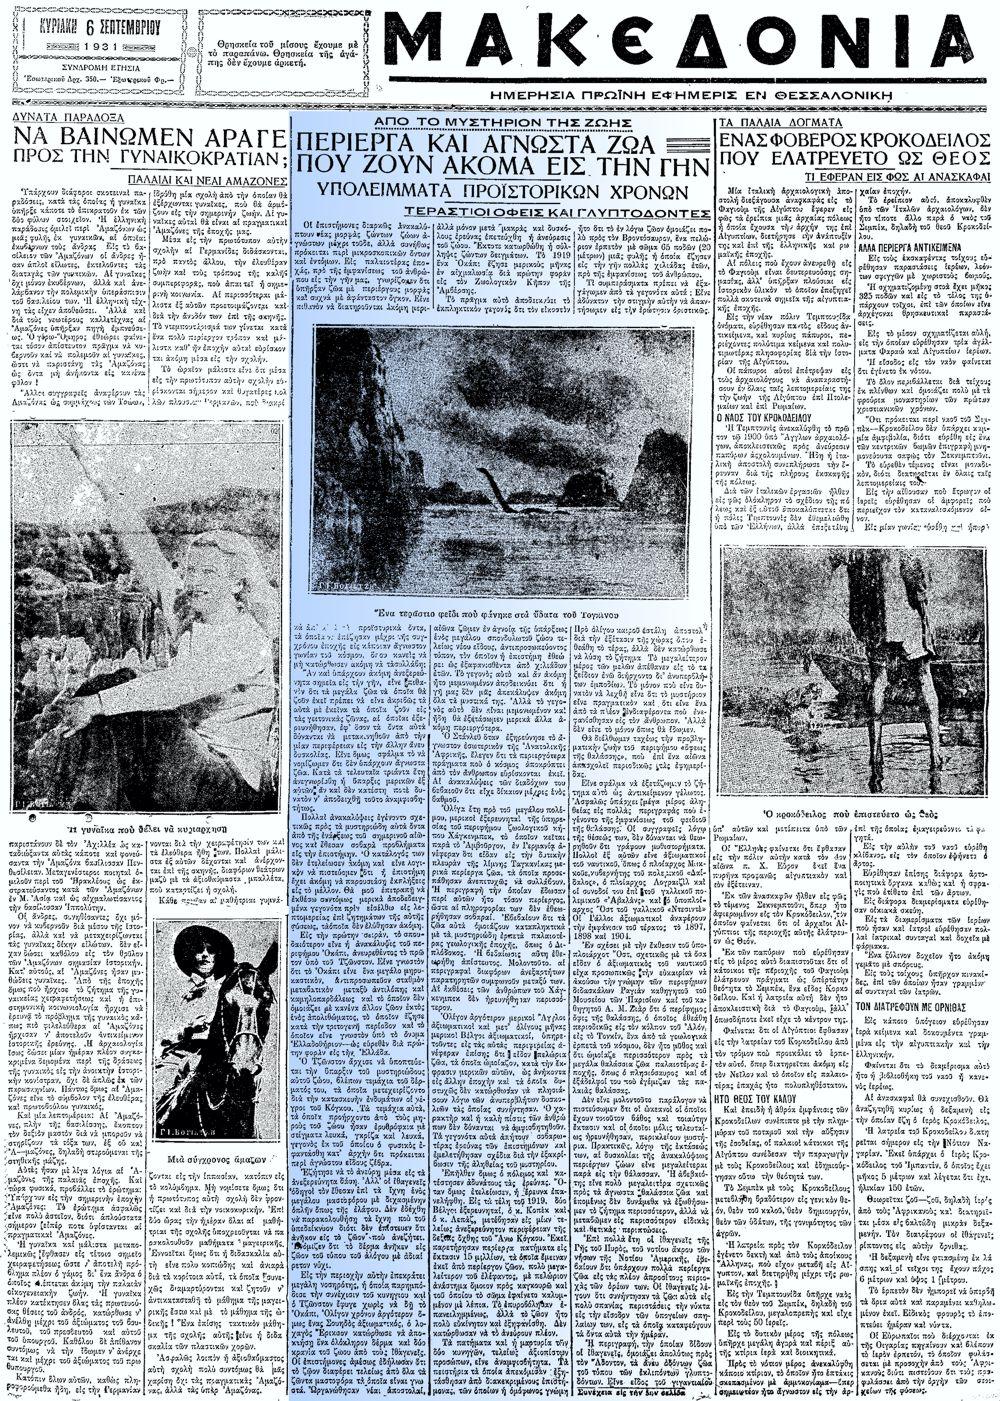 """Το άρθρο, όπως δημοσιεύθηκε στην εφημερίδα """"ΜΑΚΕΔΟΝΙΑ"""", στις 06/09/1931"""